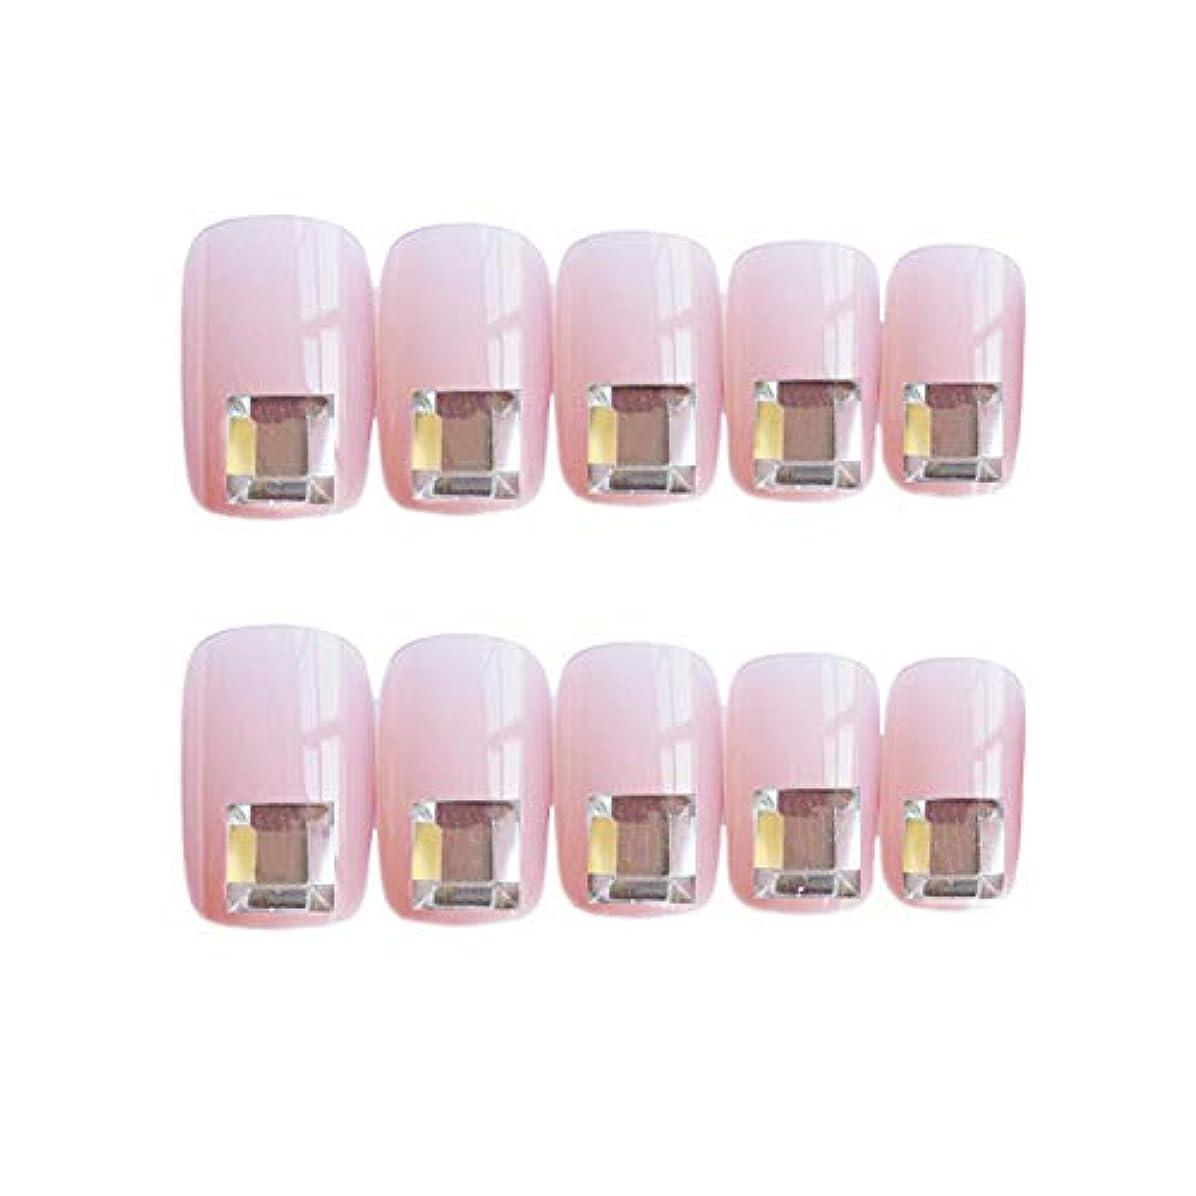 幻影説教する本質的に流行のスタイル 広場 きらめくダイヤモンド 桜の色 手作りネイルチップ 3Dネイルチップ 24枚入